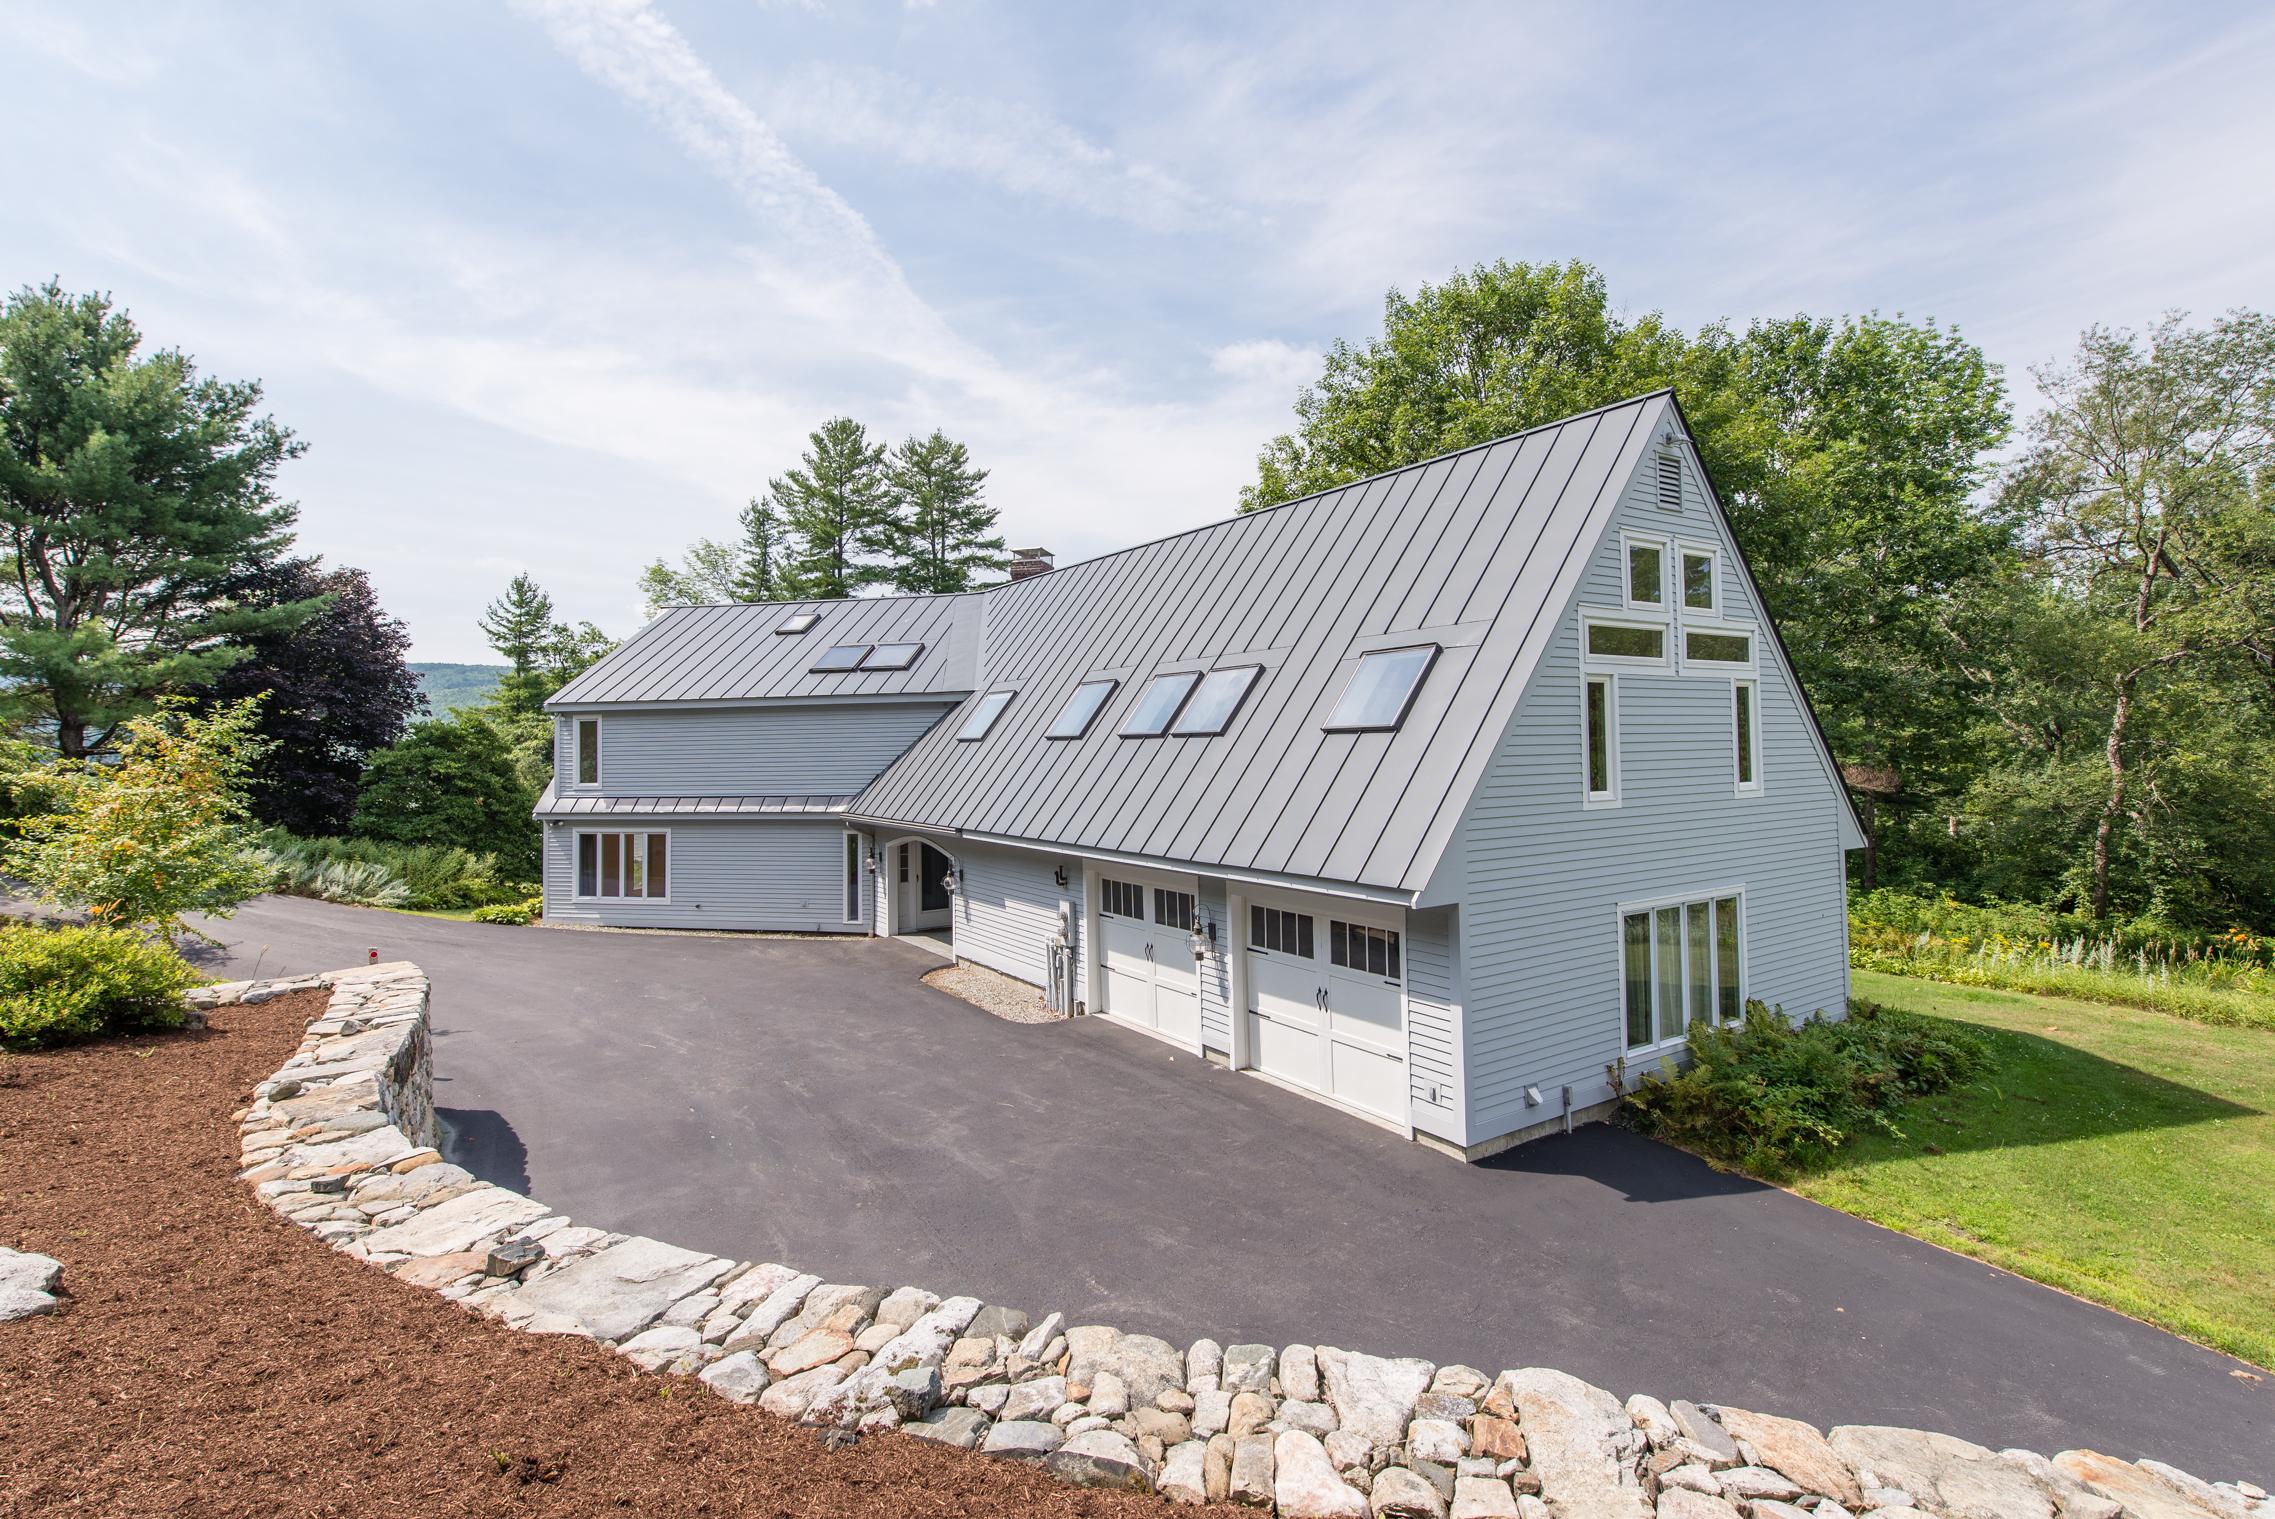 独户住宅 为 销售 在 68 Stevens Street St, Enfield Enfield, 新罕布什尔州 03748 美国